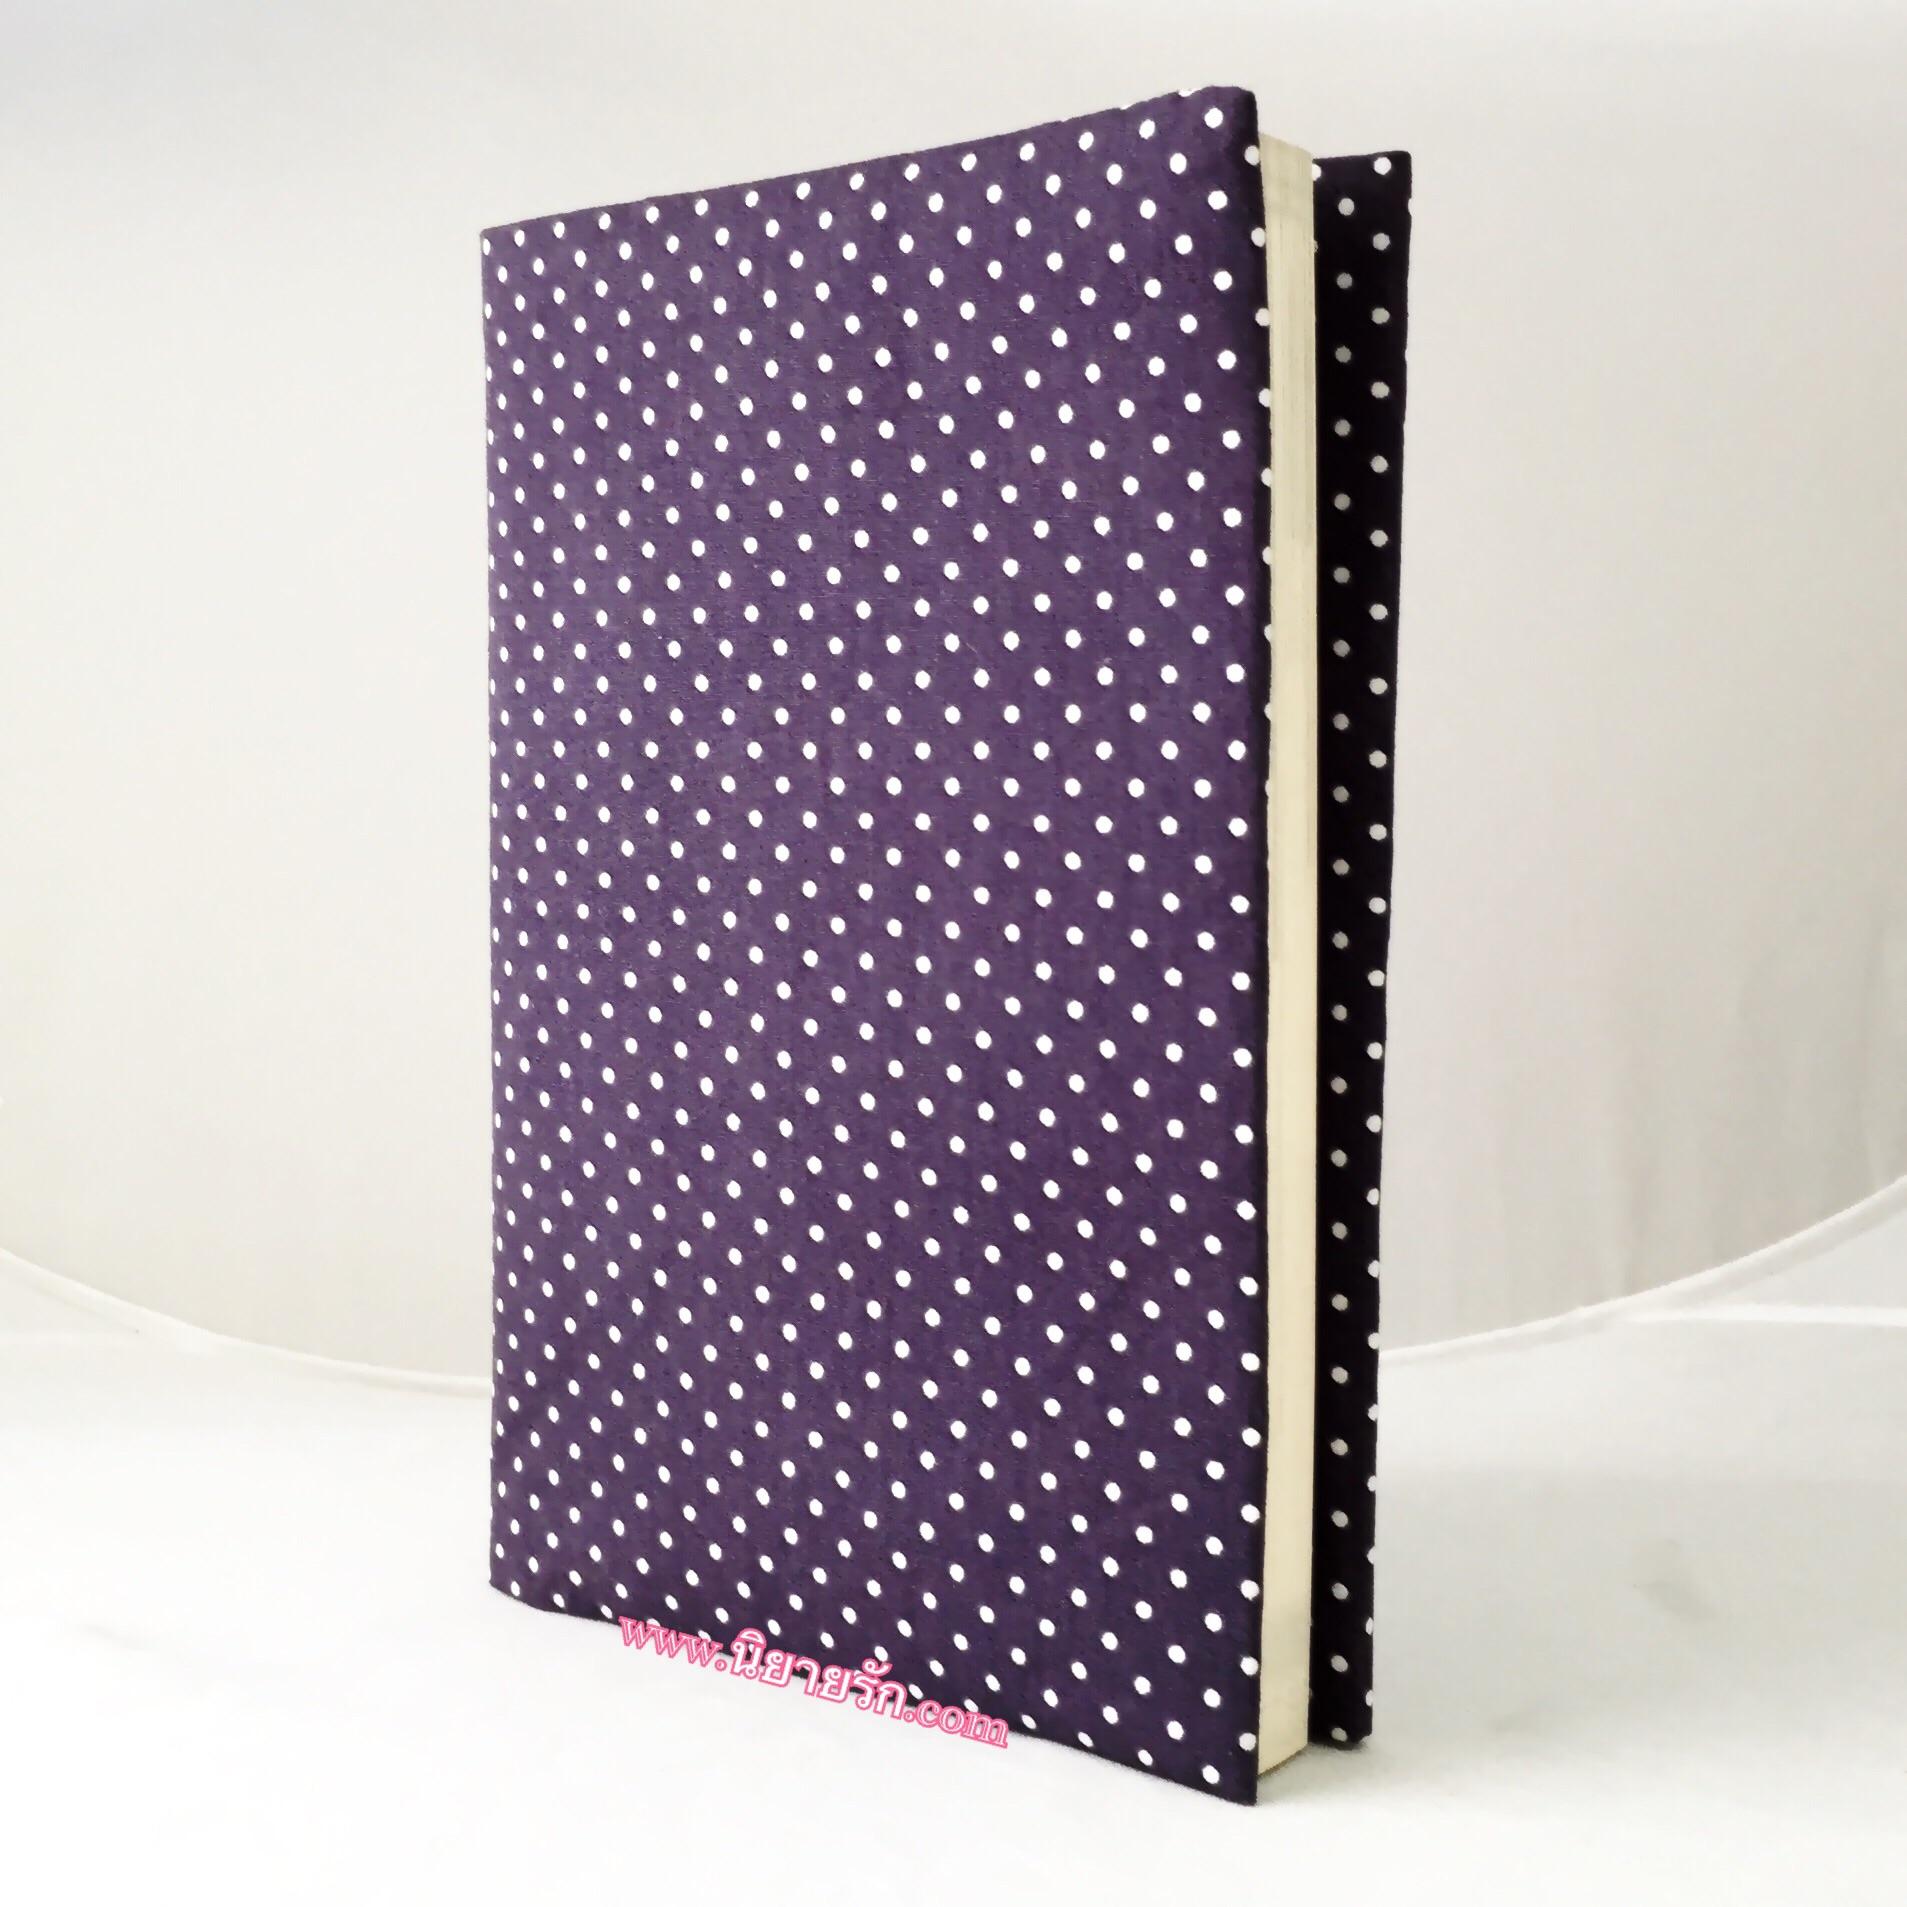 """ปกผ้าพื้นม่วง Polka Dot เนื้อผ้าคอตต้อนญี่ปุ่น(โตไก) สำหรับหนังสือขนาด 200 หน้าขึ้นไป ขนาด 8.2"""""""